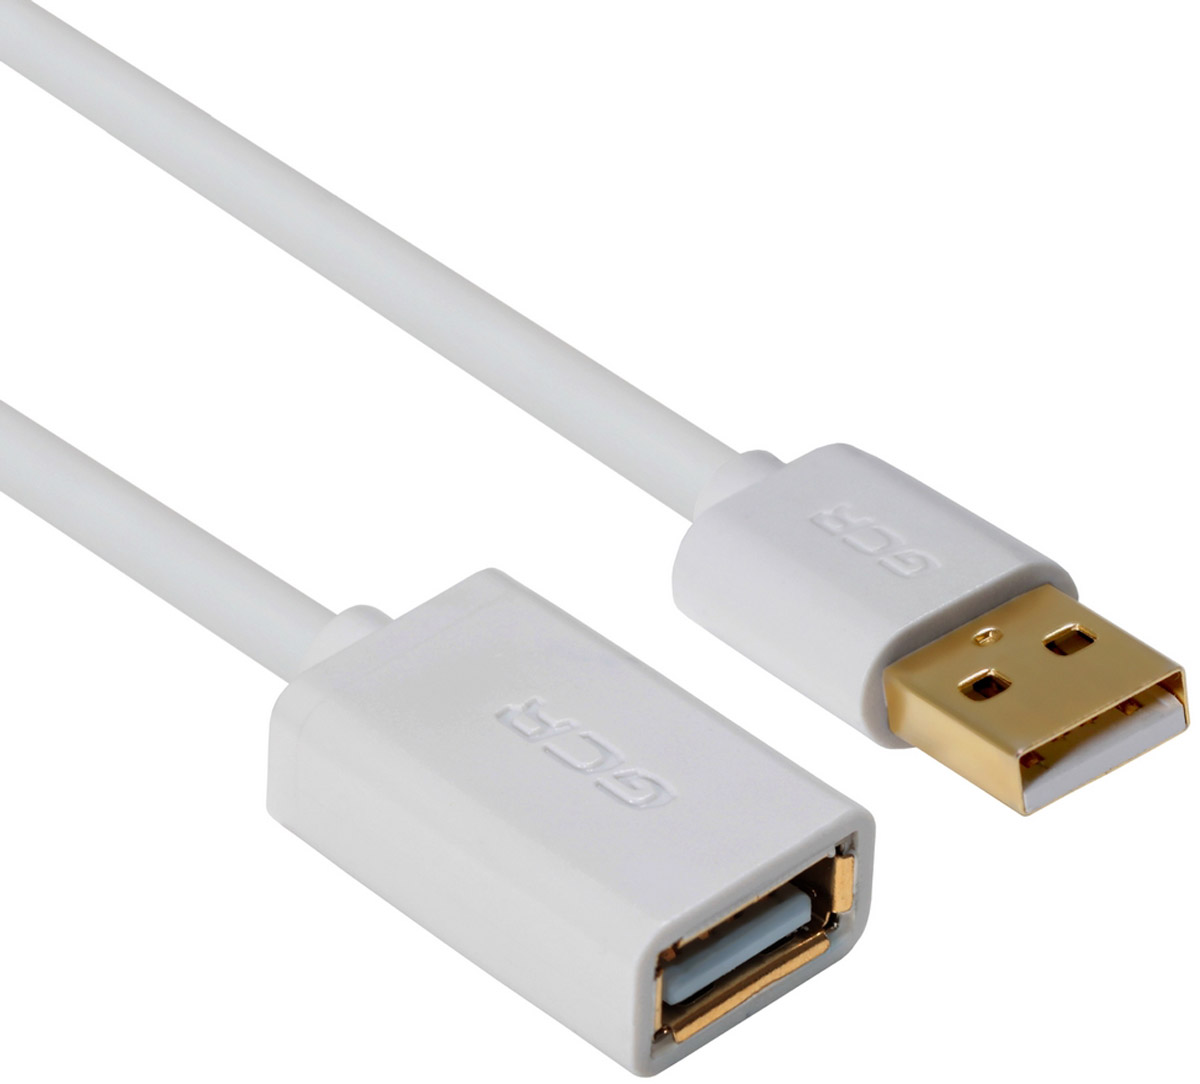 Greenconnect Russia GCR-UEC5M-AAG, White удлинитель USB 2.0 (0,3 м)GCR-UEC5M-AAG-0.3mКабель-удлинитель USB 2.0 Greenconnect Russia GCR-UEC5M-AAG позволит увеличить расстояние до подключаемого устройства. Может быть использован с различными USB девайсами. Экранирование кабеля защищает сигнал при передаче от влияния внешних полей, способных создать помехи.